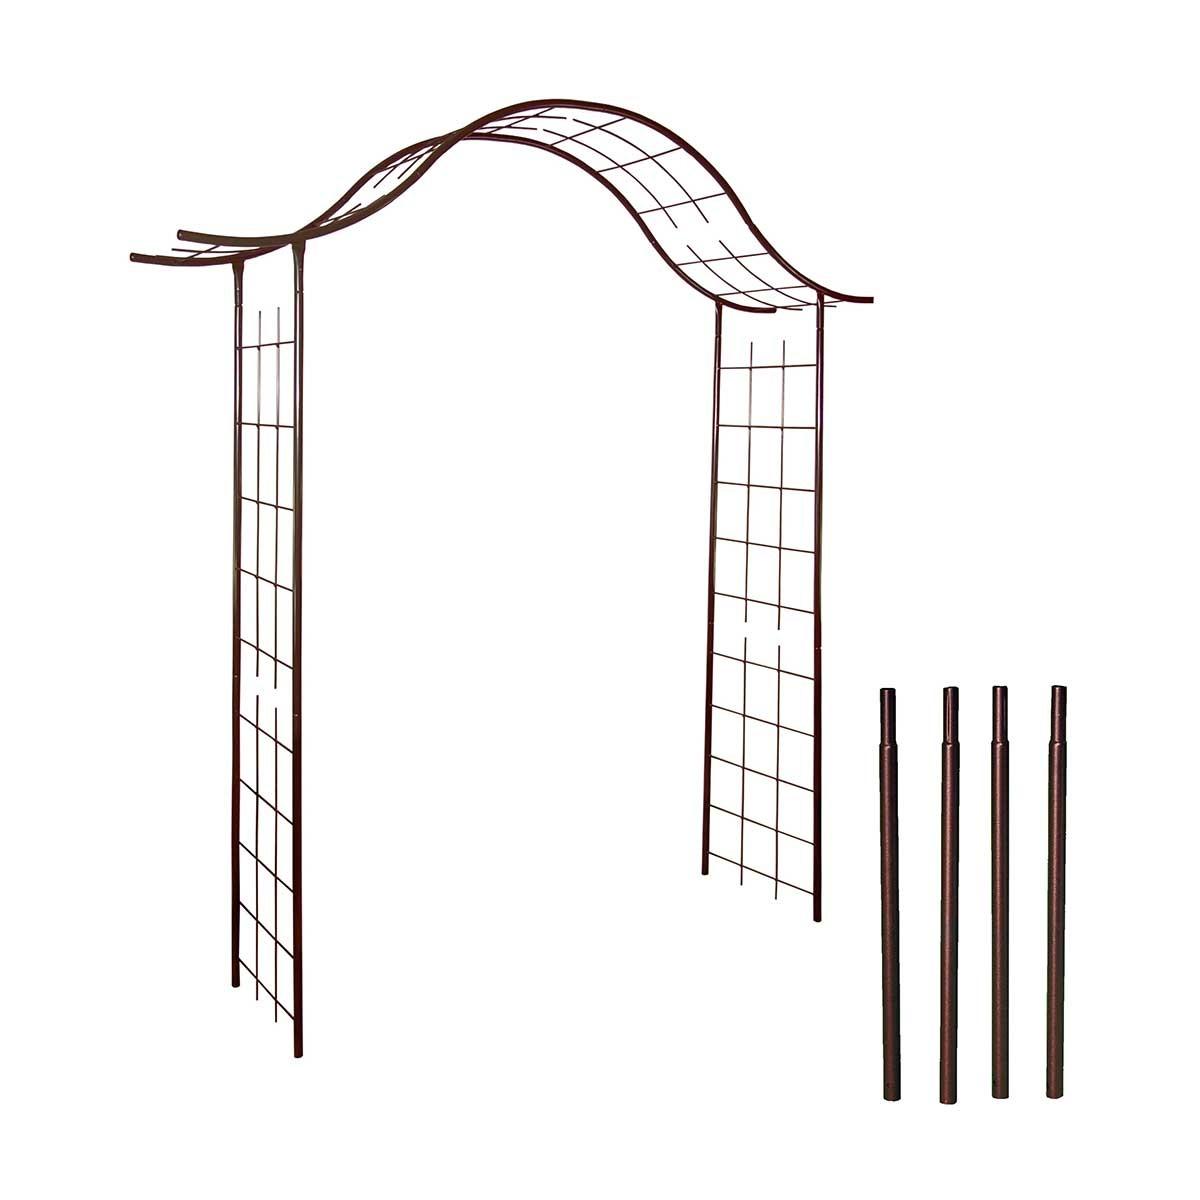 Pergola portique en fer + 4 supports à enfoncer - Louis Moulin